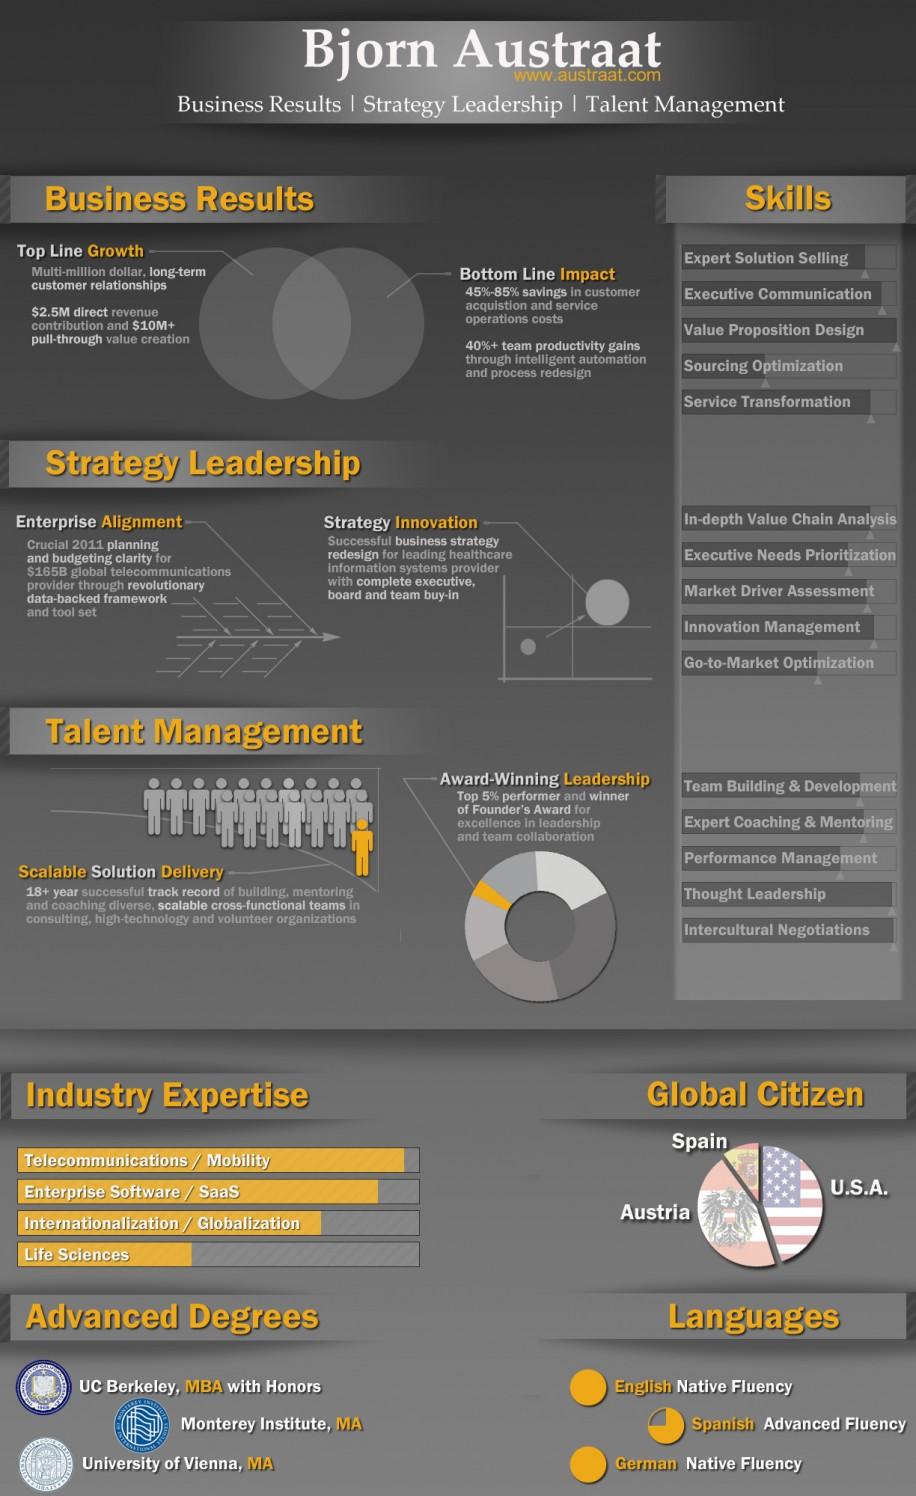 kreative darstellung - lebenslauf als infografik